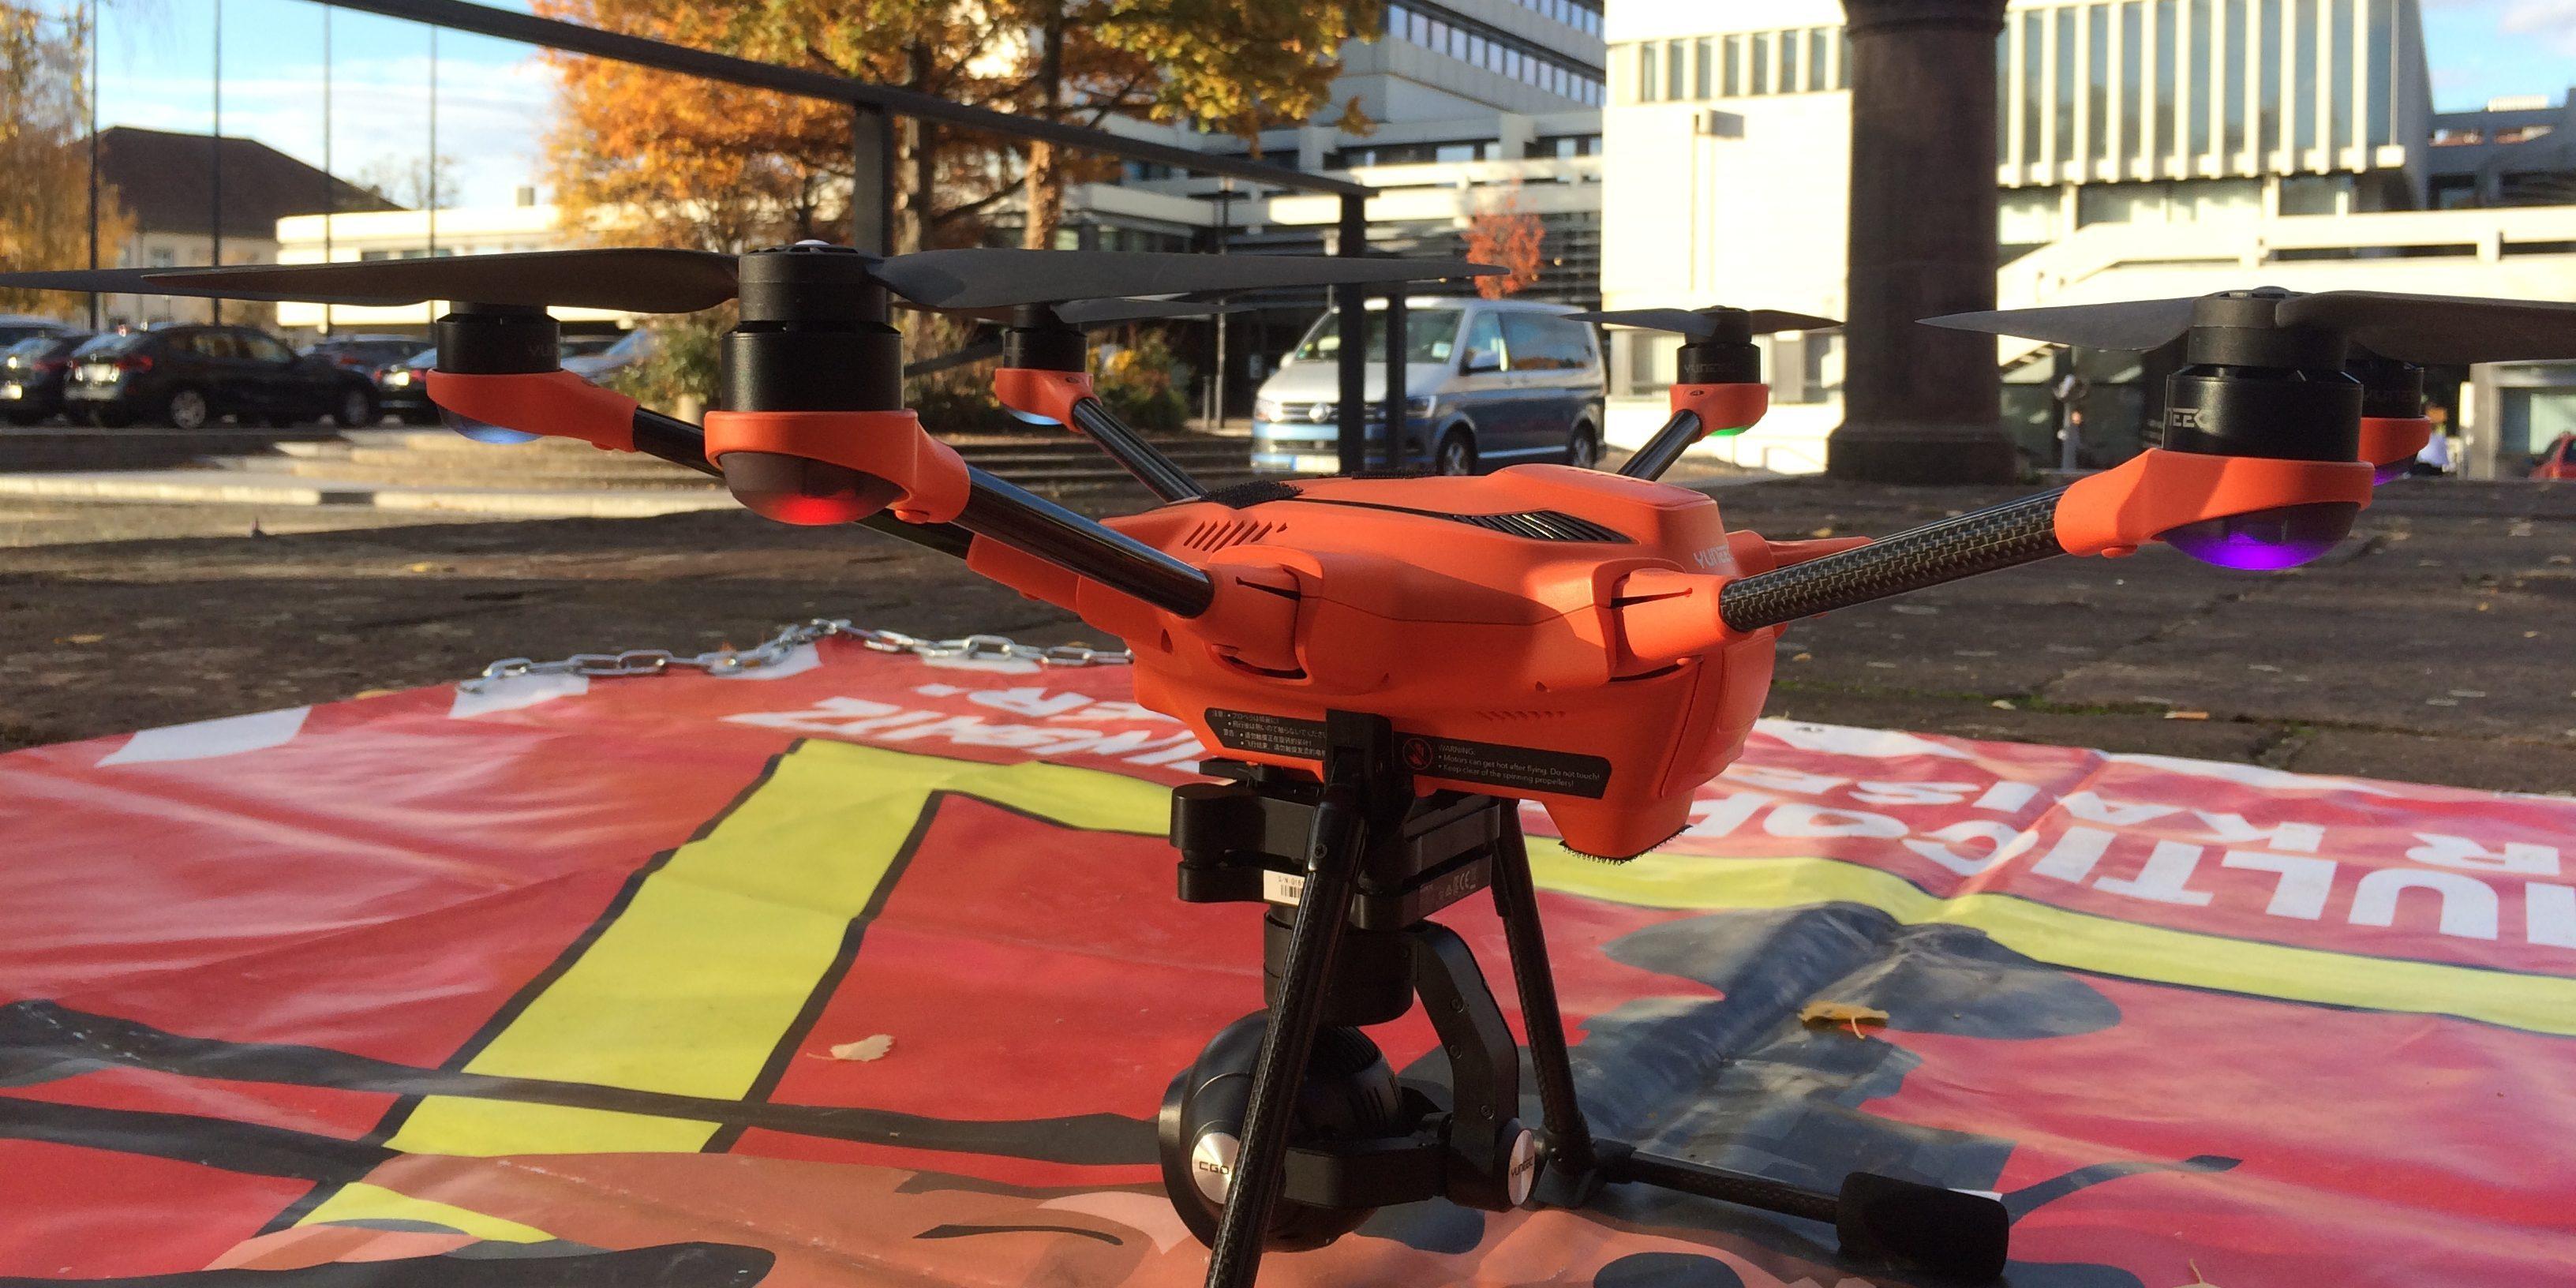 Eine orangefarbene Drohne steht auf dem Boden